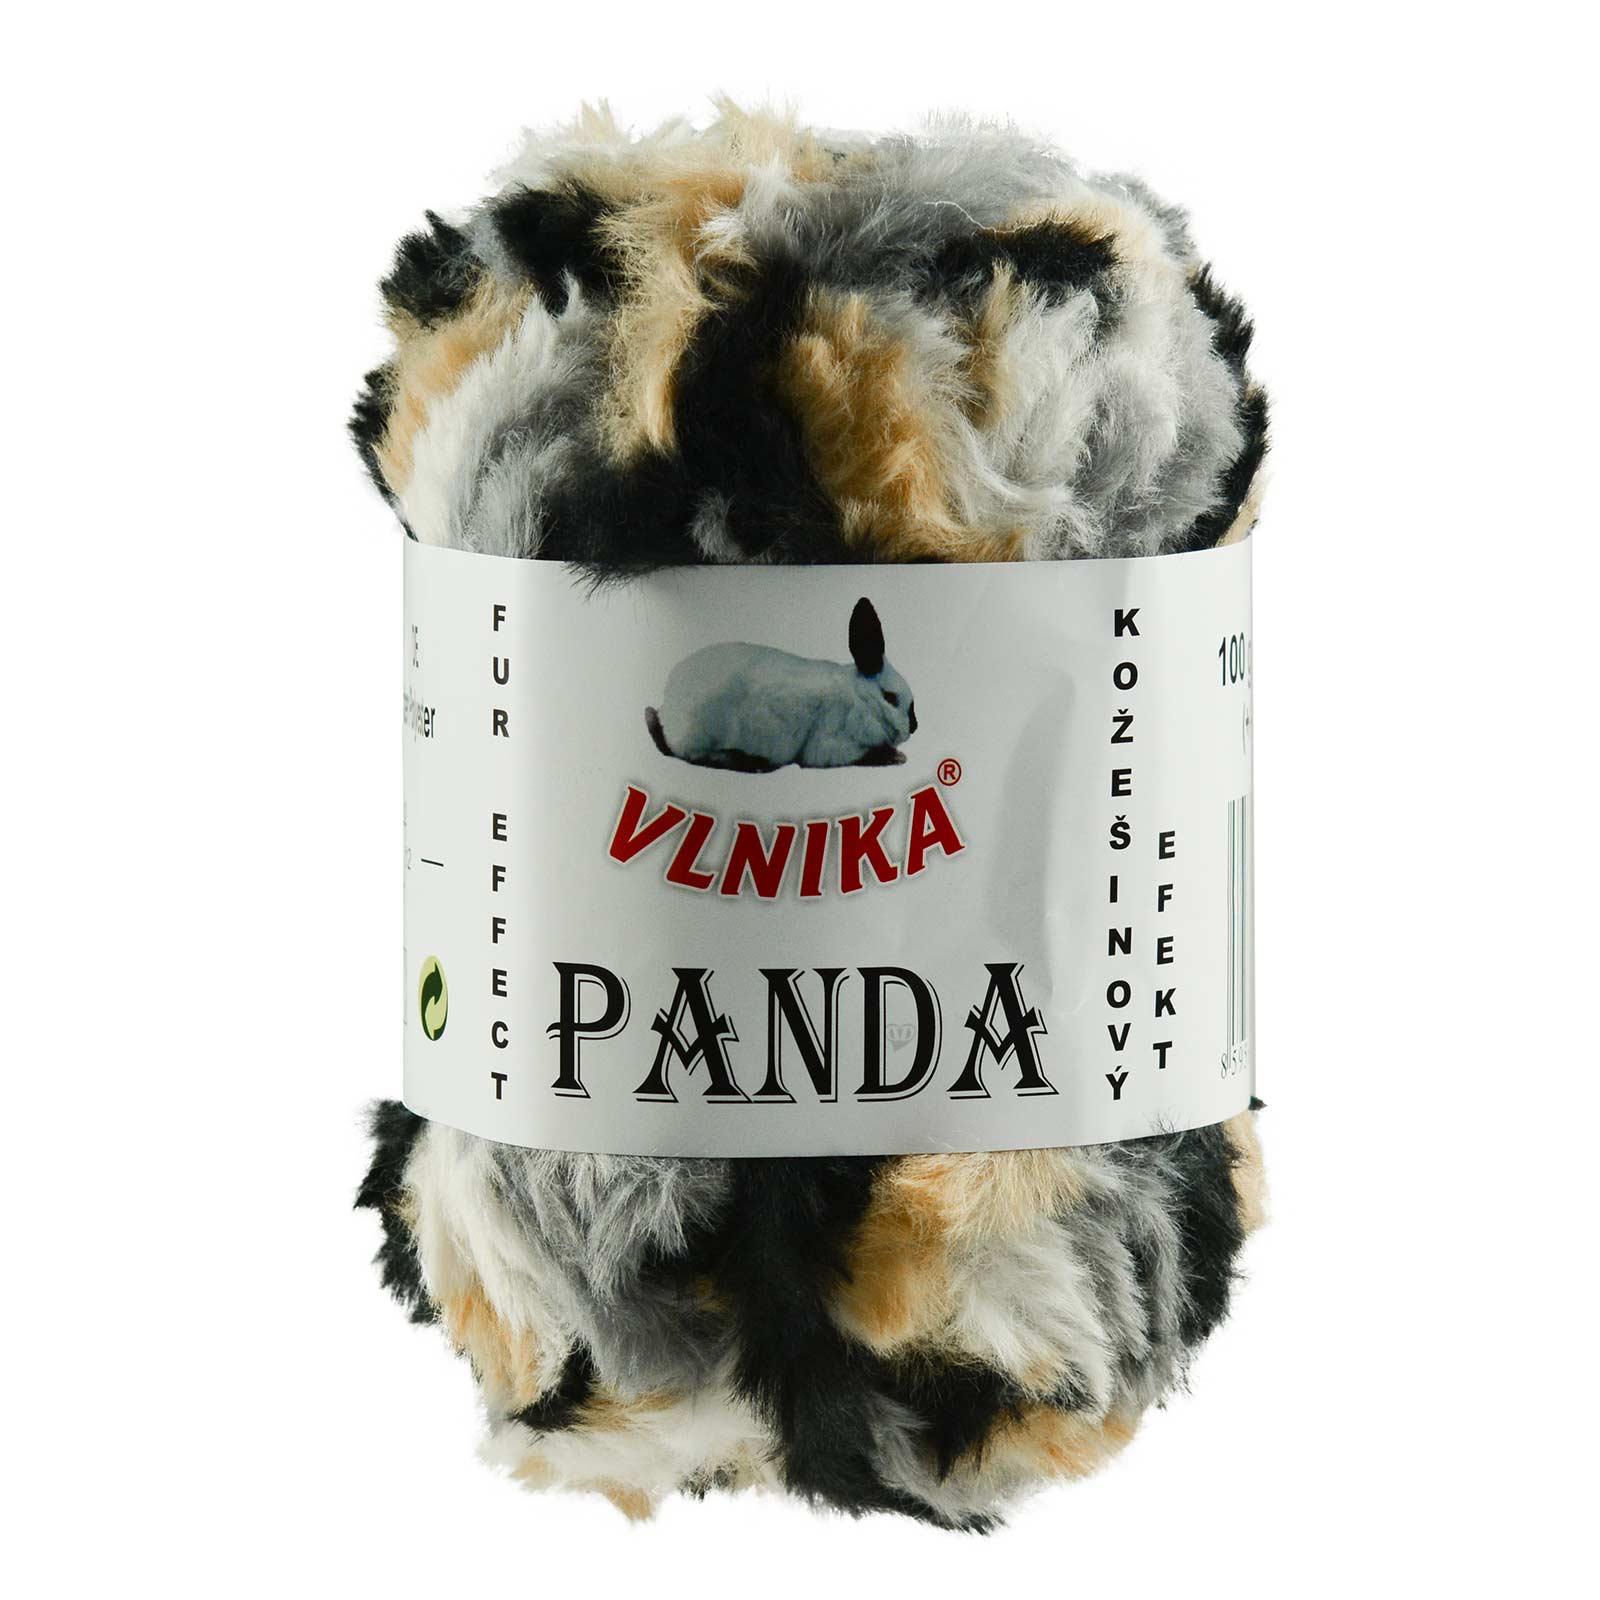 100g Strickgarn Panda Strick-Wolle Webpelz-Garn Kuschelwolle Plüschwolle  – Bild 15